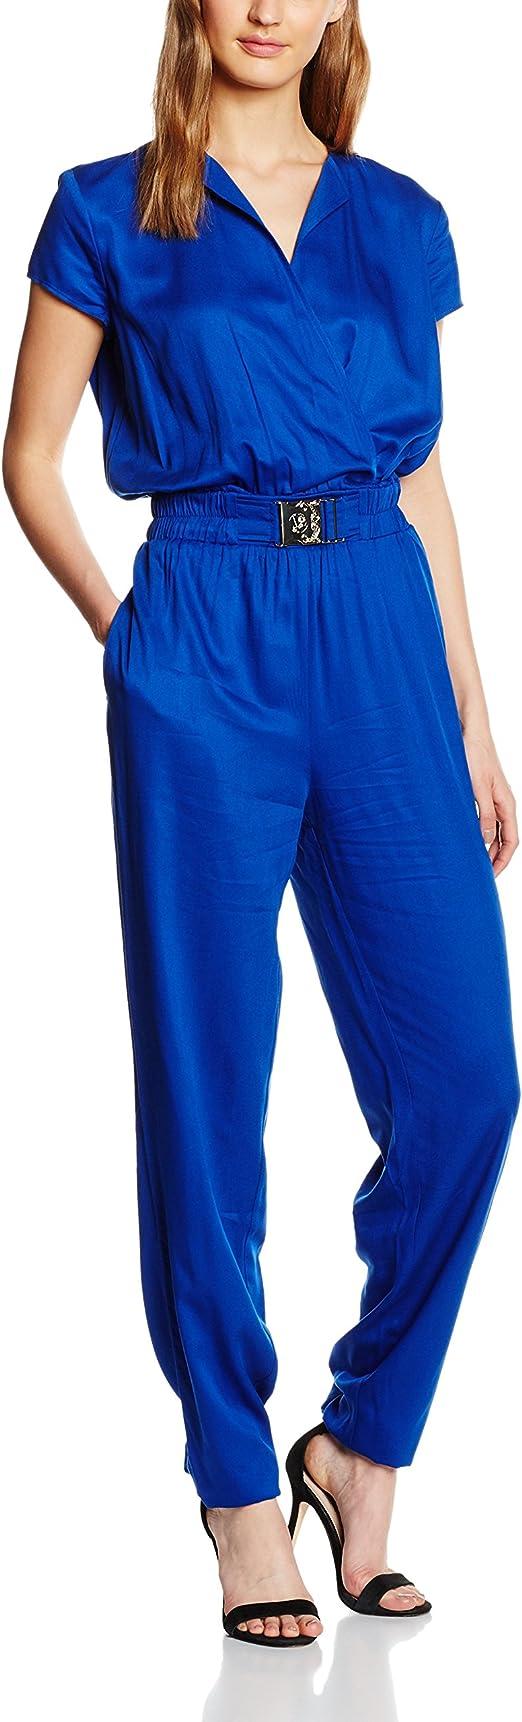 Versace Jeans chándal para Mujer: Amazon.es: Ropa y accesorios